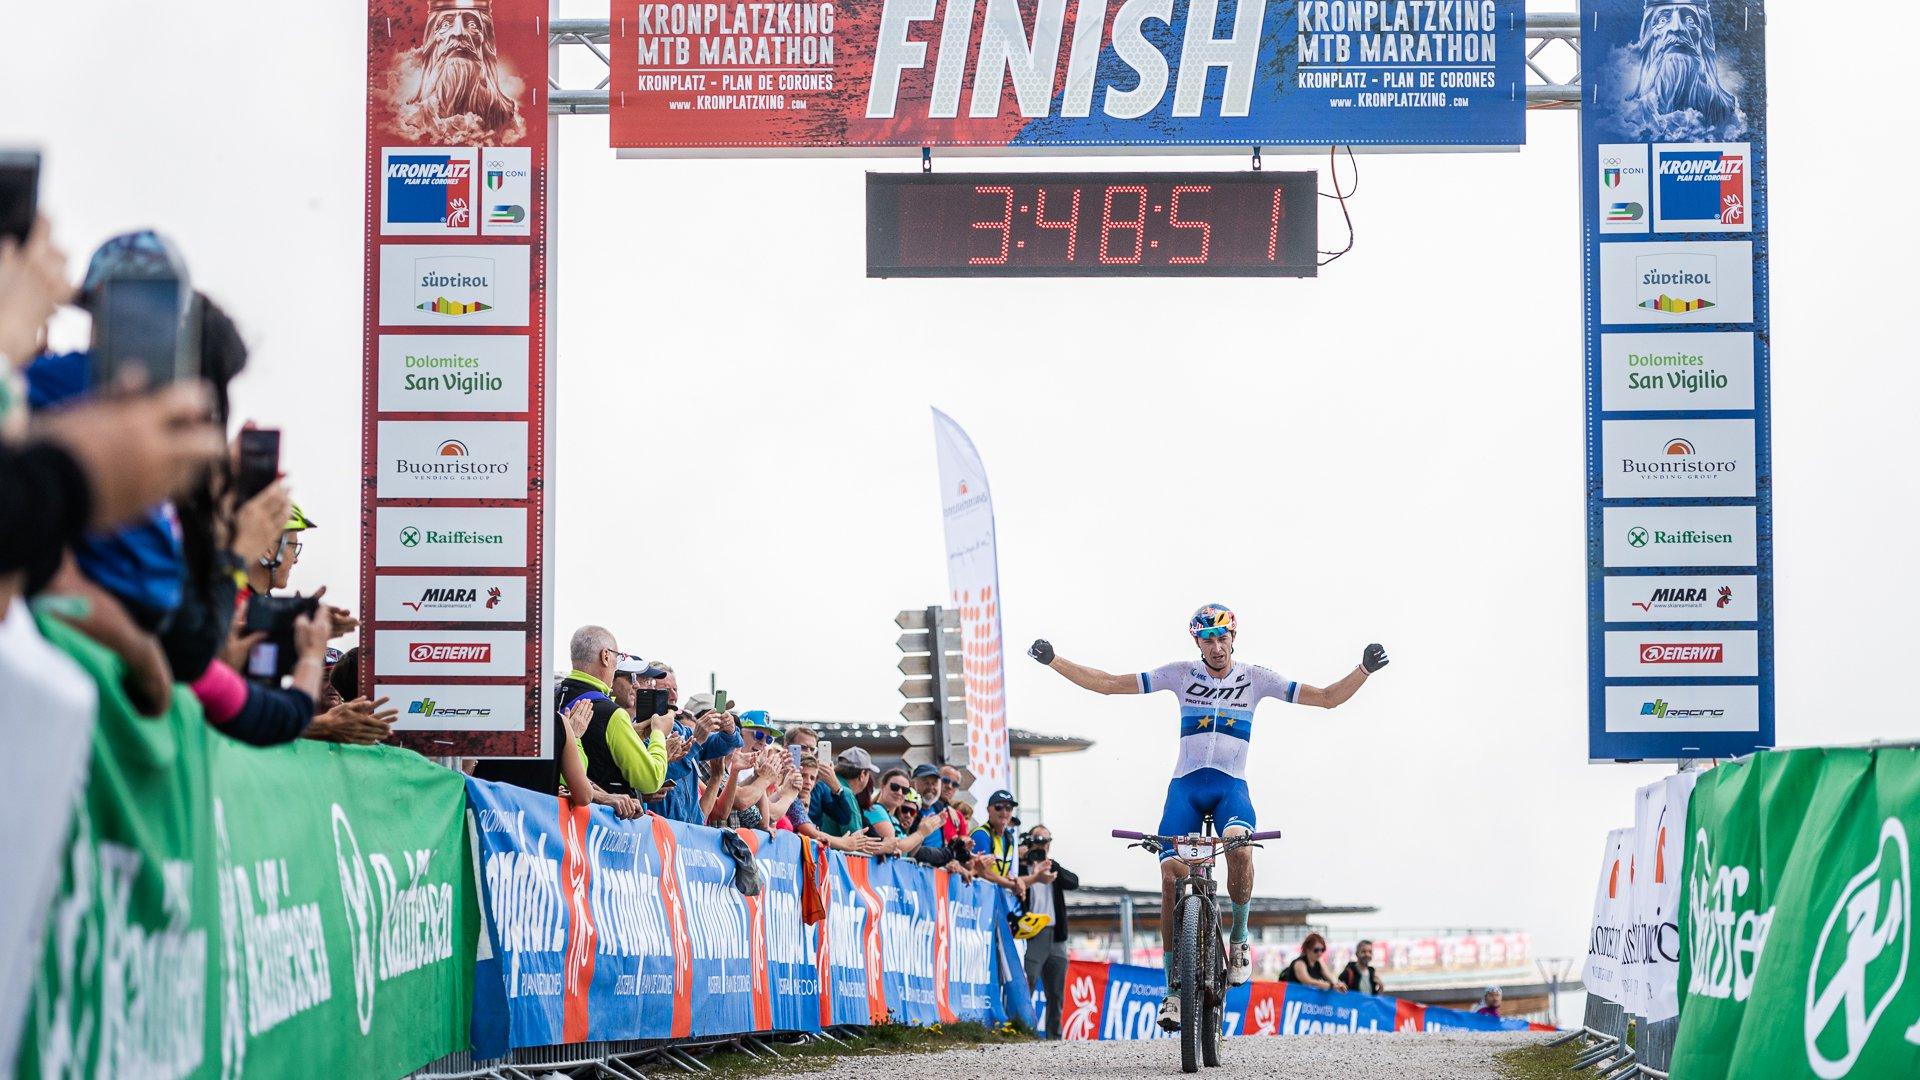 Maratona Calendario 2020.Kronplatz King Marathon Maratona Di Mountain Bike Nelle